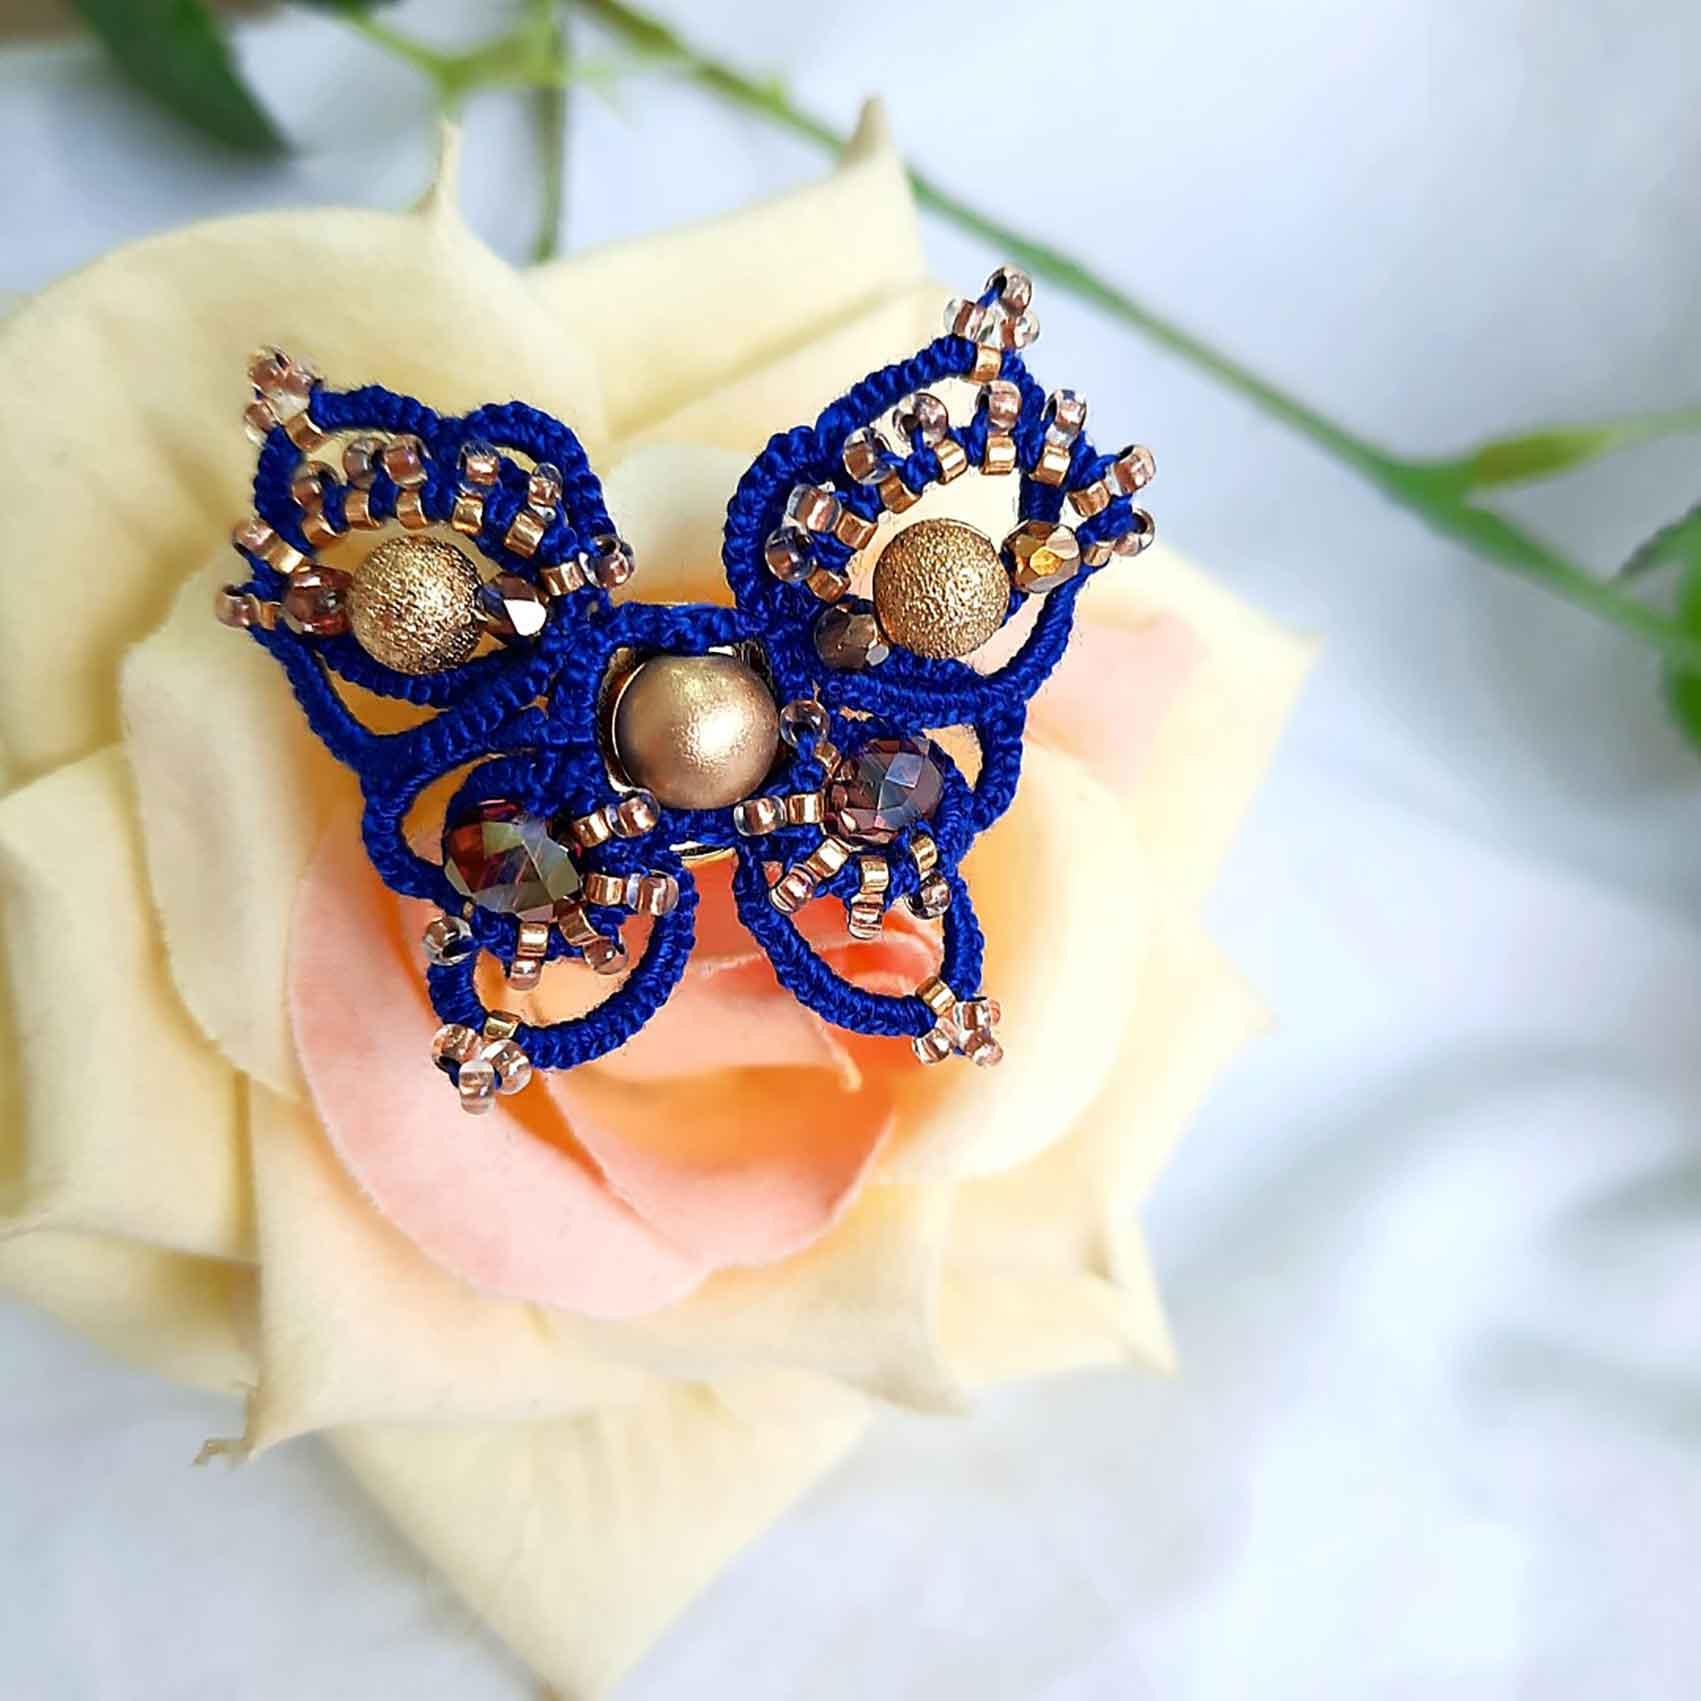 תכשיטים-יוג'ניה-אסתר-דמין-מגזין-אופנה-אינטרנטי